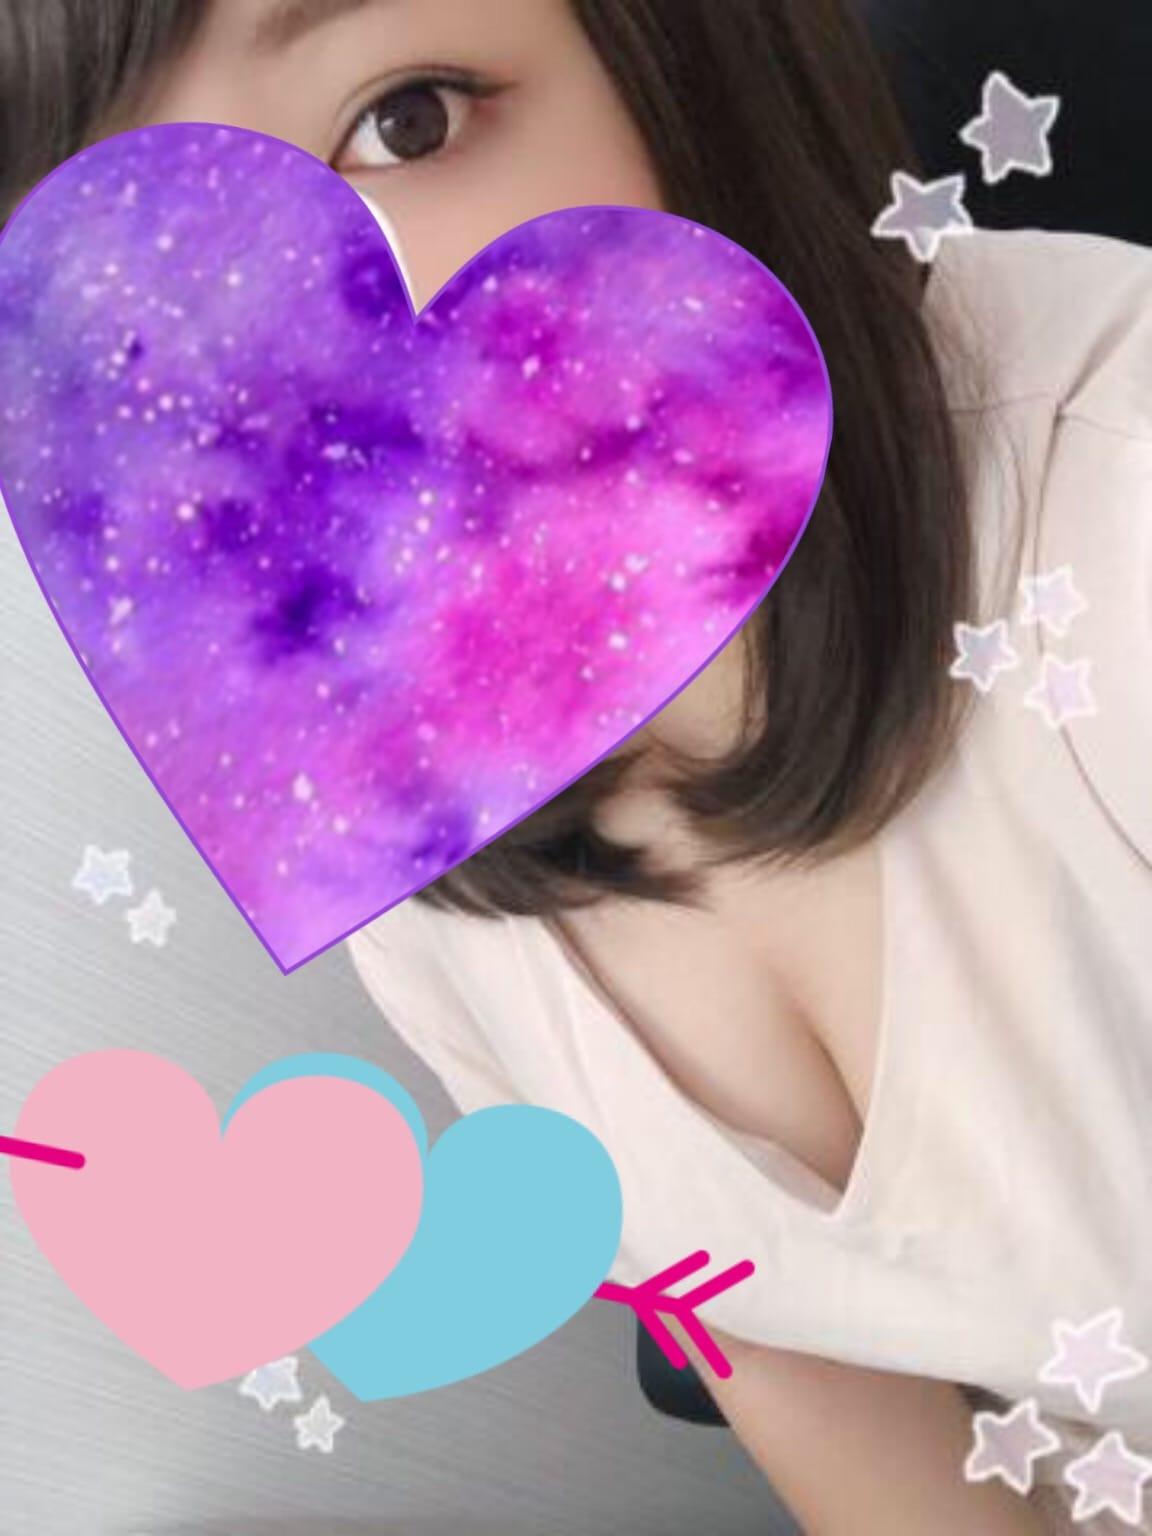 「おはよ♪」10/13(10/13) 17:55 | あかり(責め好き娘)の写メ・風俗動画